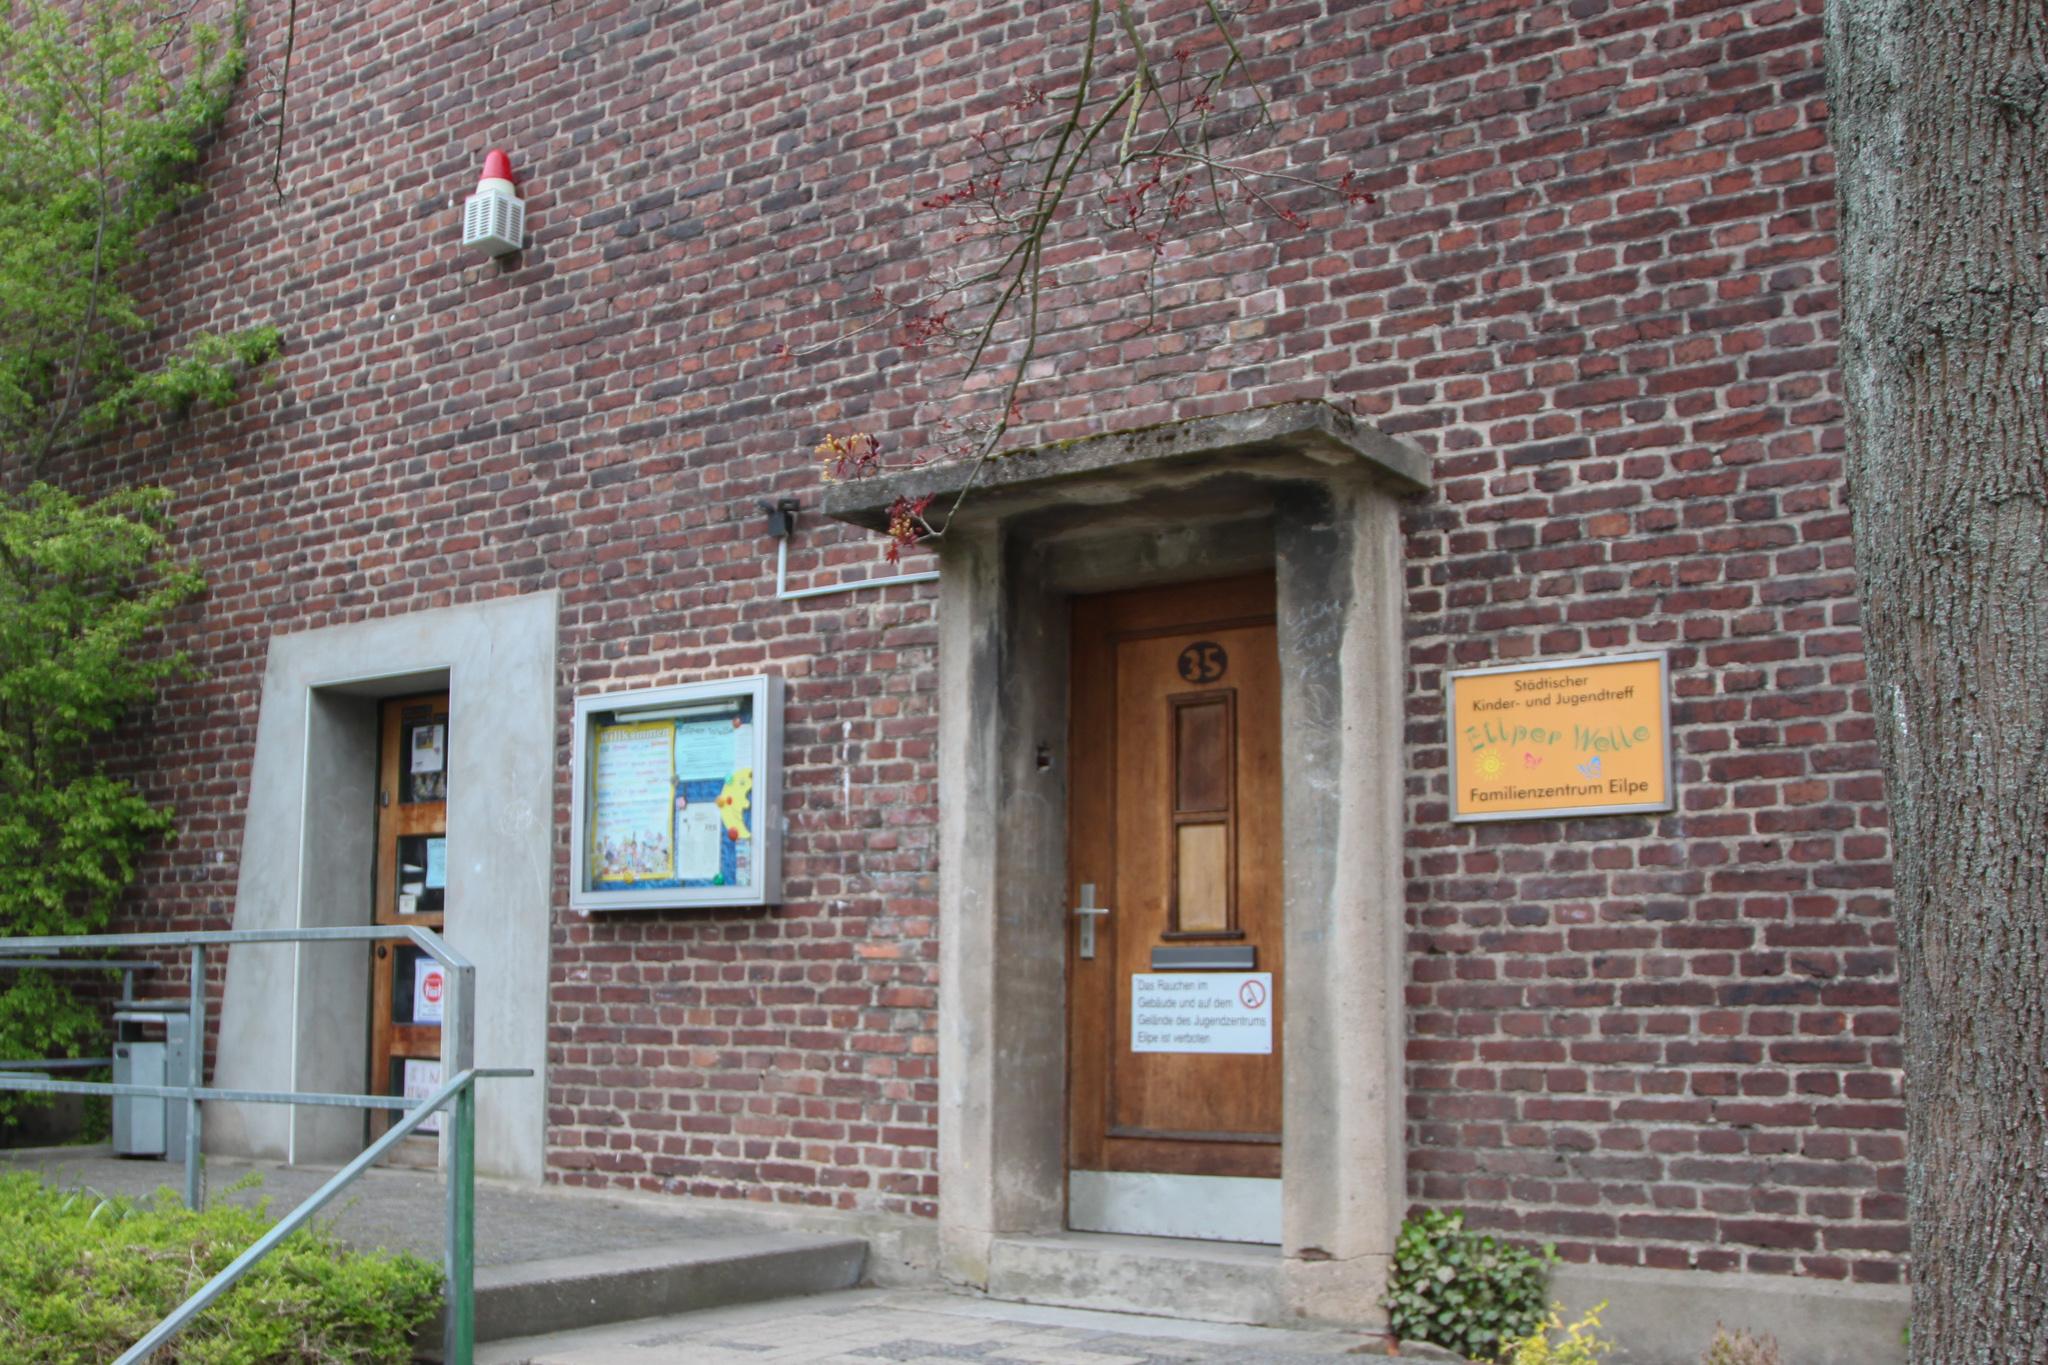 Jugendzentrum Eilper Welle